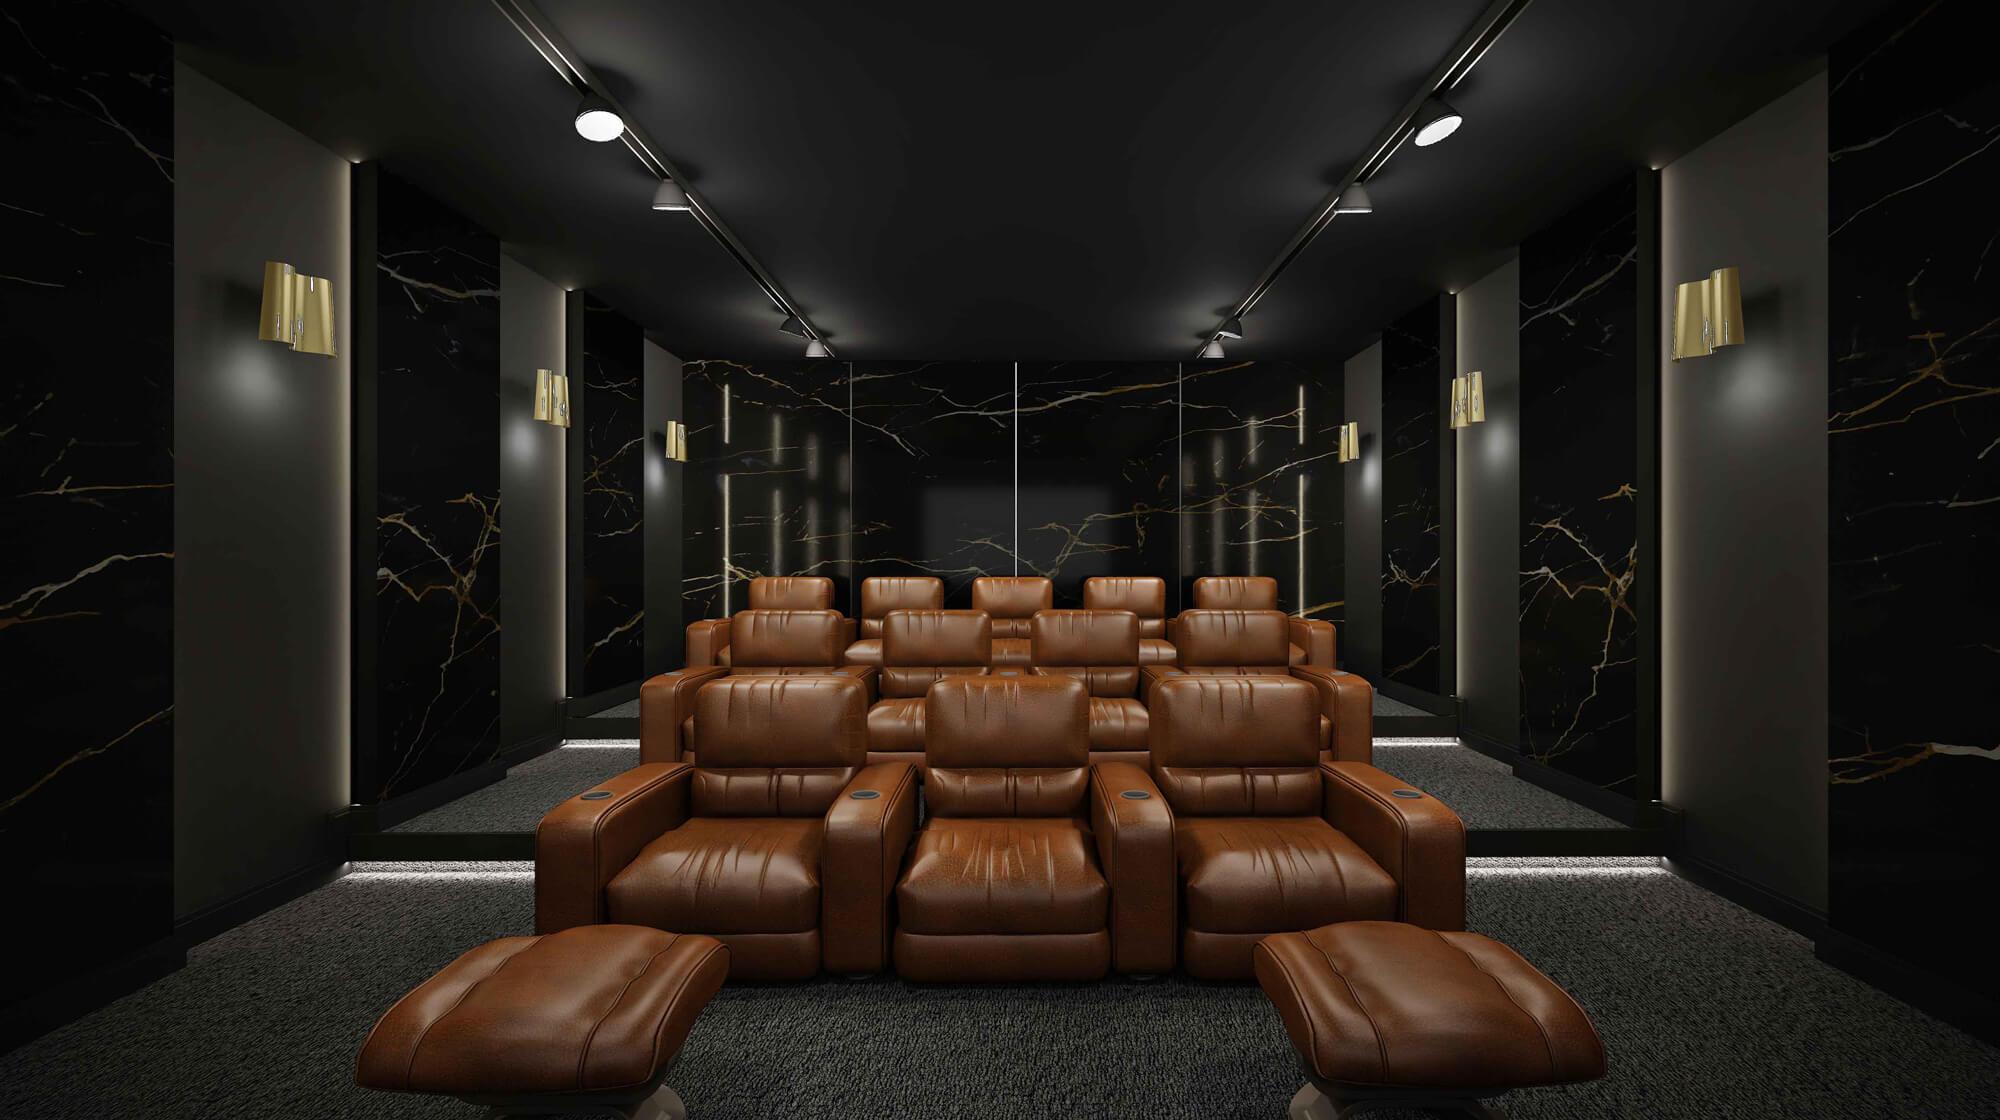 انواع اتاق های سینما خصوصی